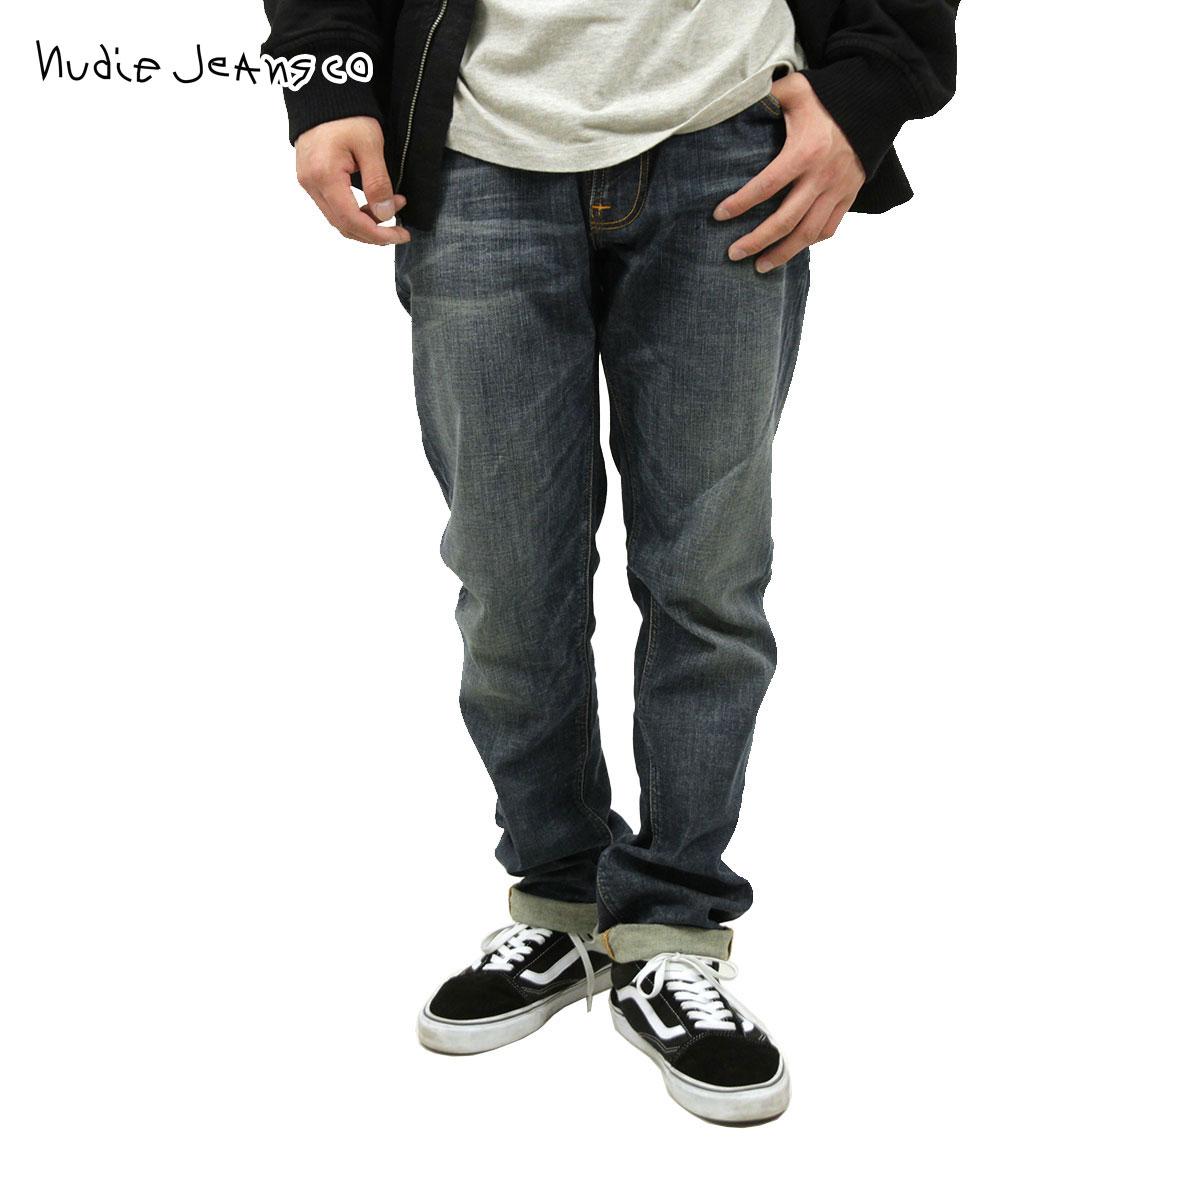 【販売期間 11/12 10:00~11/21 09:59】 ヌーディージーンズ Nudie Jeans 正規販売店 メンズ ジーンズ Thin Finn Dusk Indigo 305 1116440 D15S25